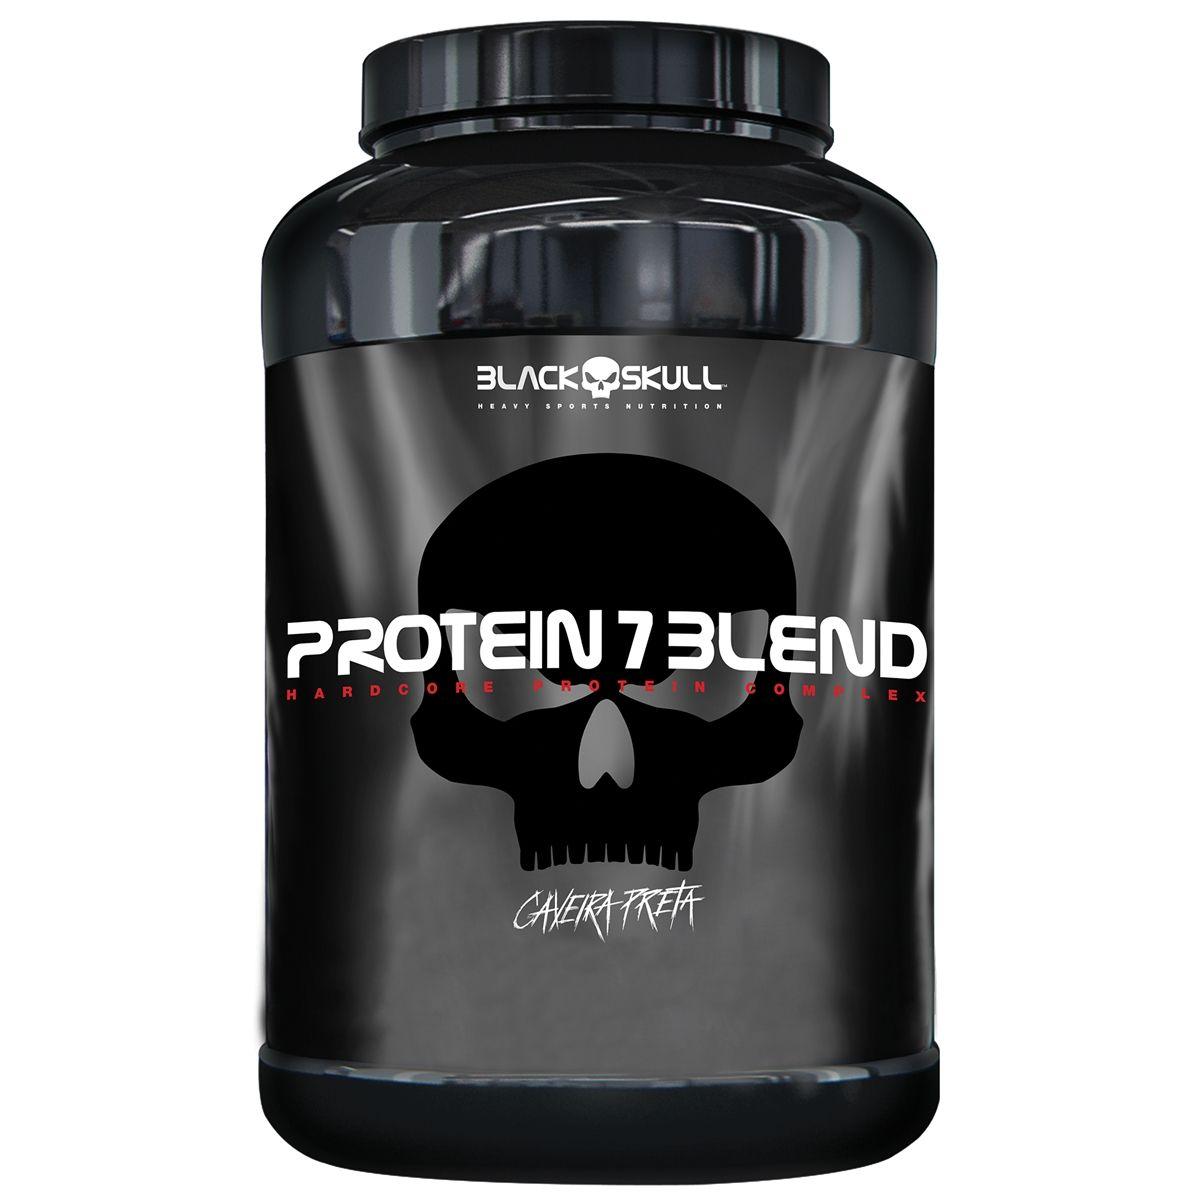 Protein 7 Blend Black Skull 837g